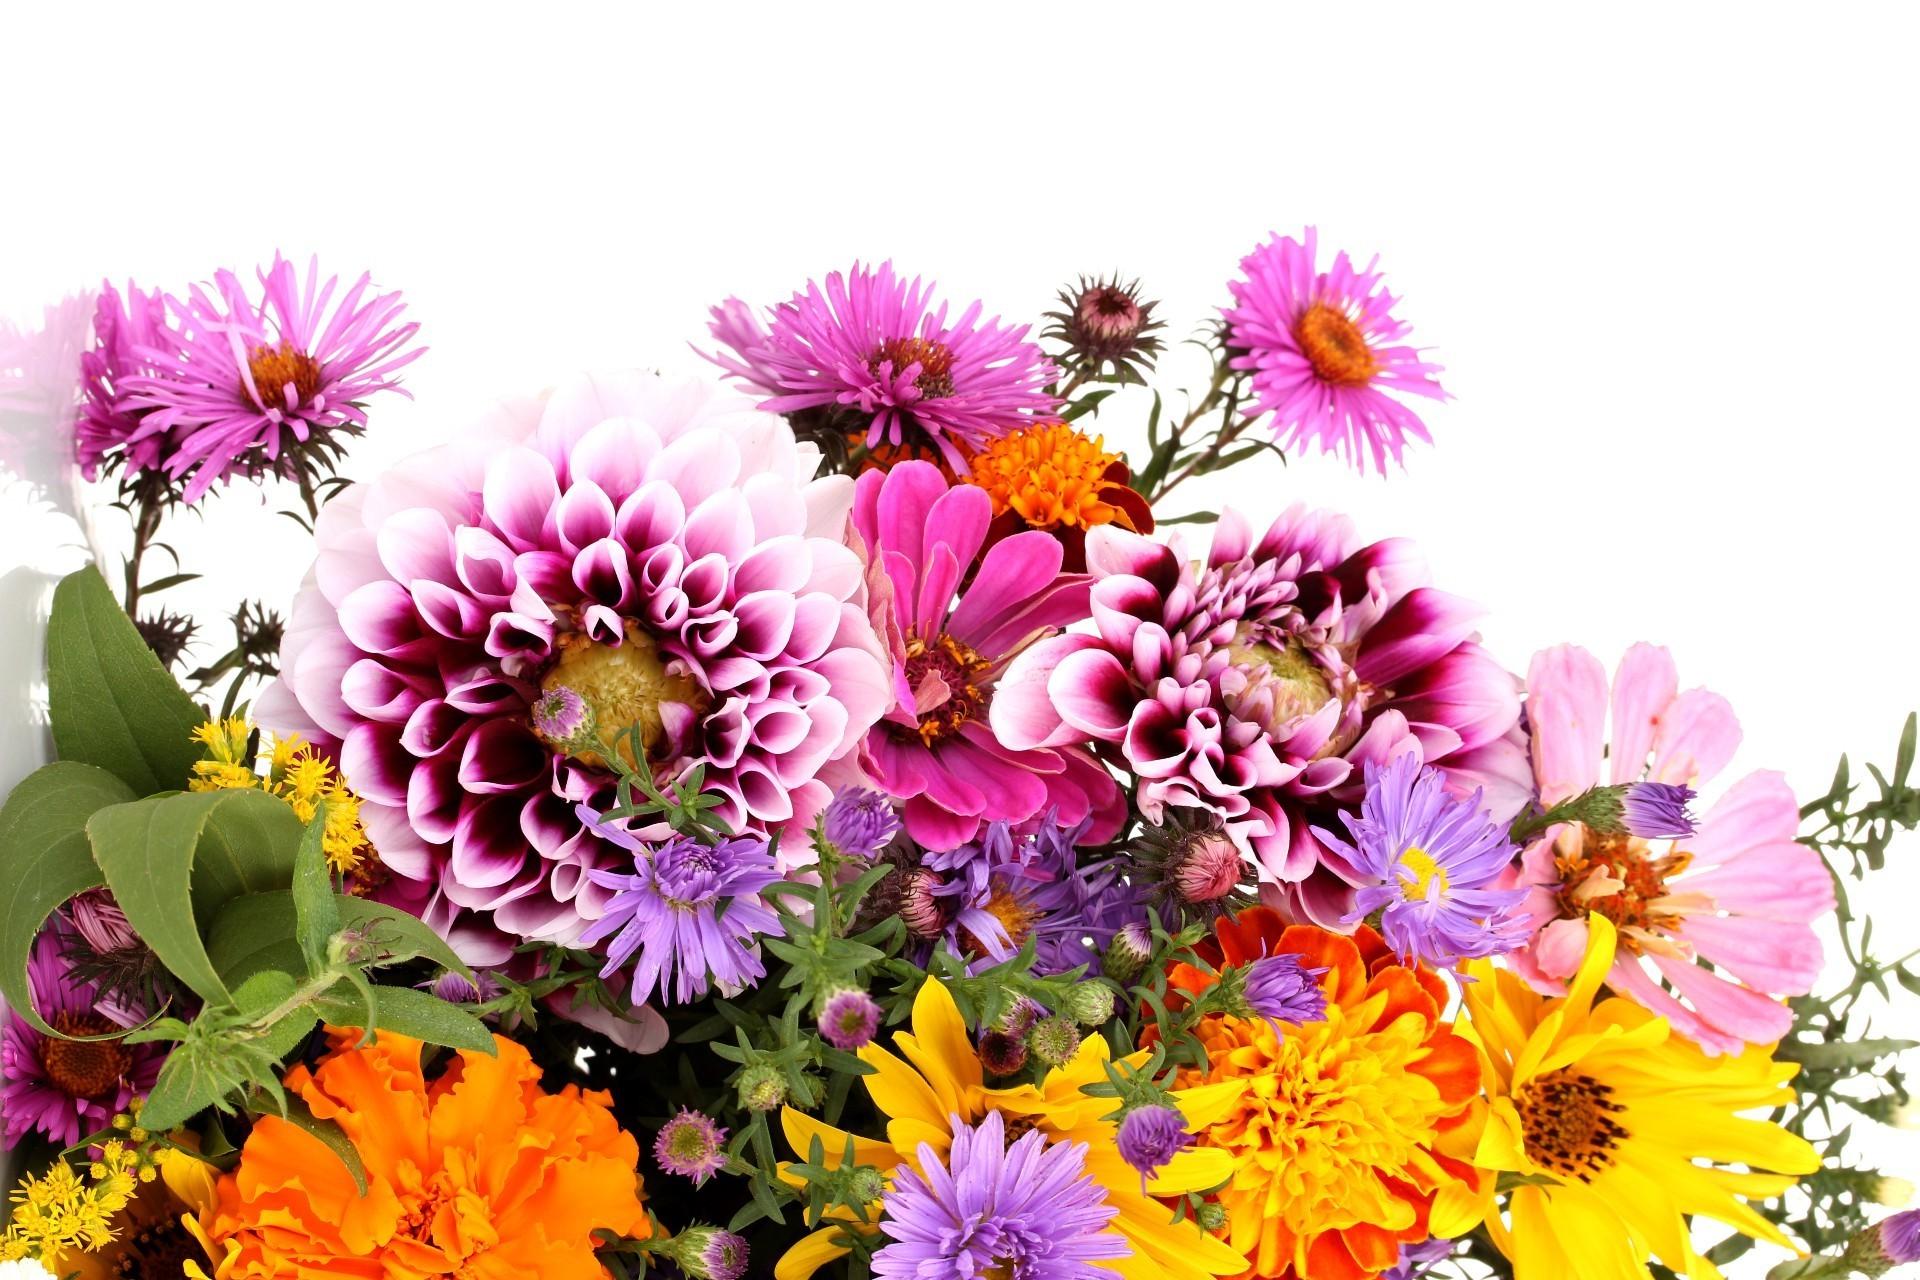 Прикольные аватаров, с днем рождения картинка хризантемы